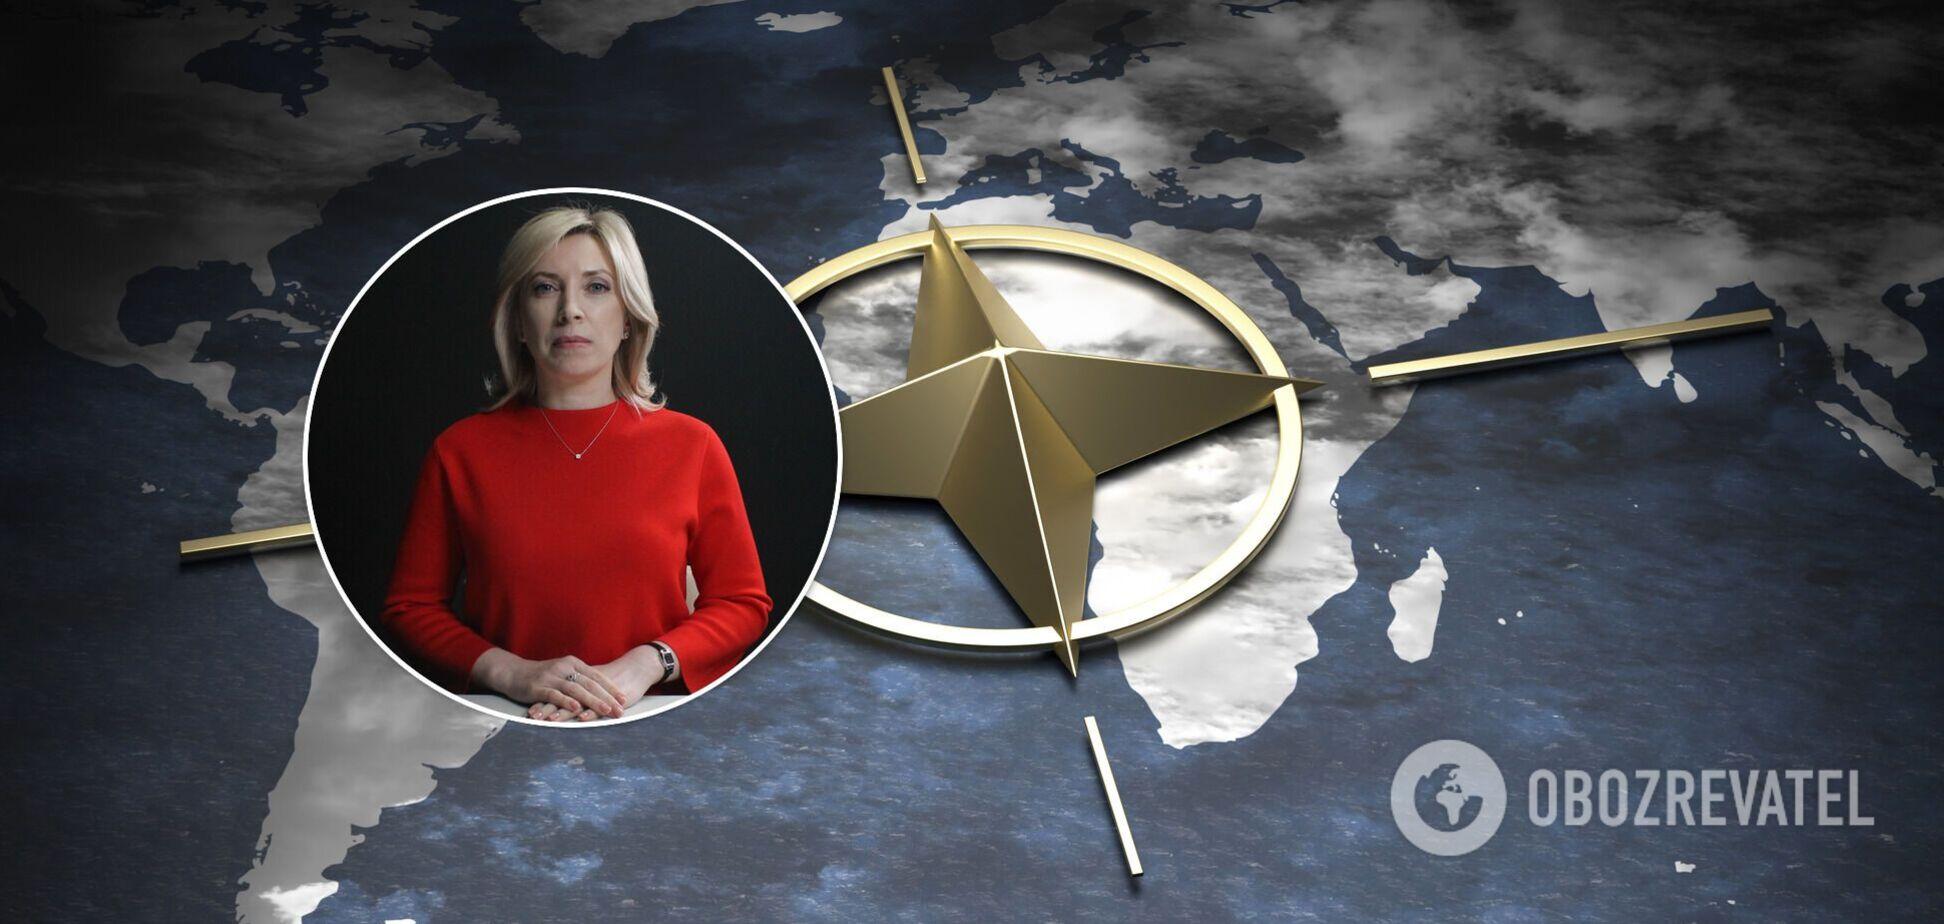 Після запуску 'Північного потоку-2' Україну можуть наблизити до НАТО, – Верещук